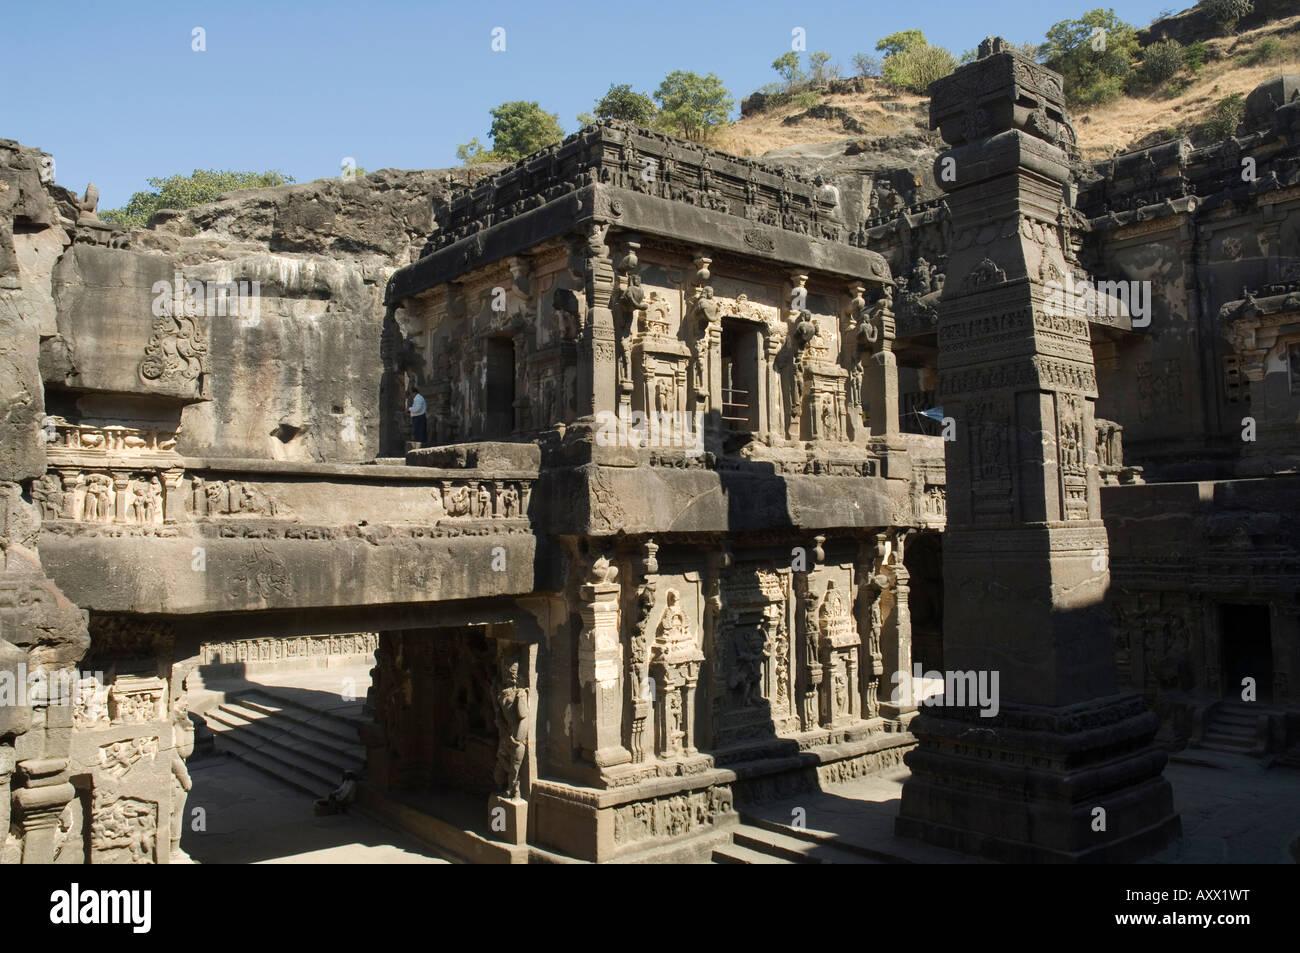 Die Ellora Höhlen, Tempel in festem Gestein, in der Nähe von Aurangabad, Maharashtra, Indien schneiden Stockbild